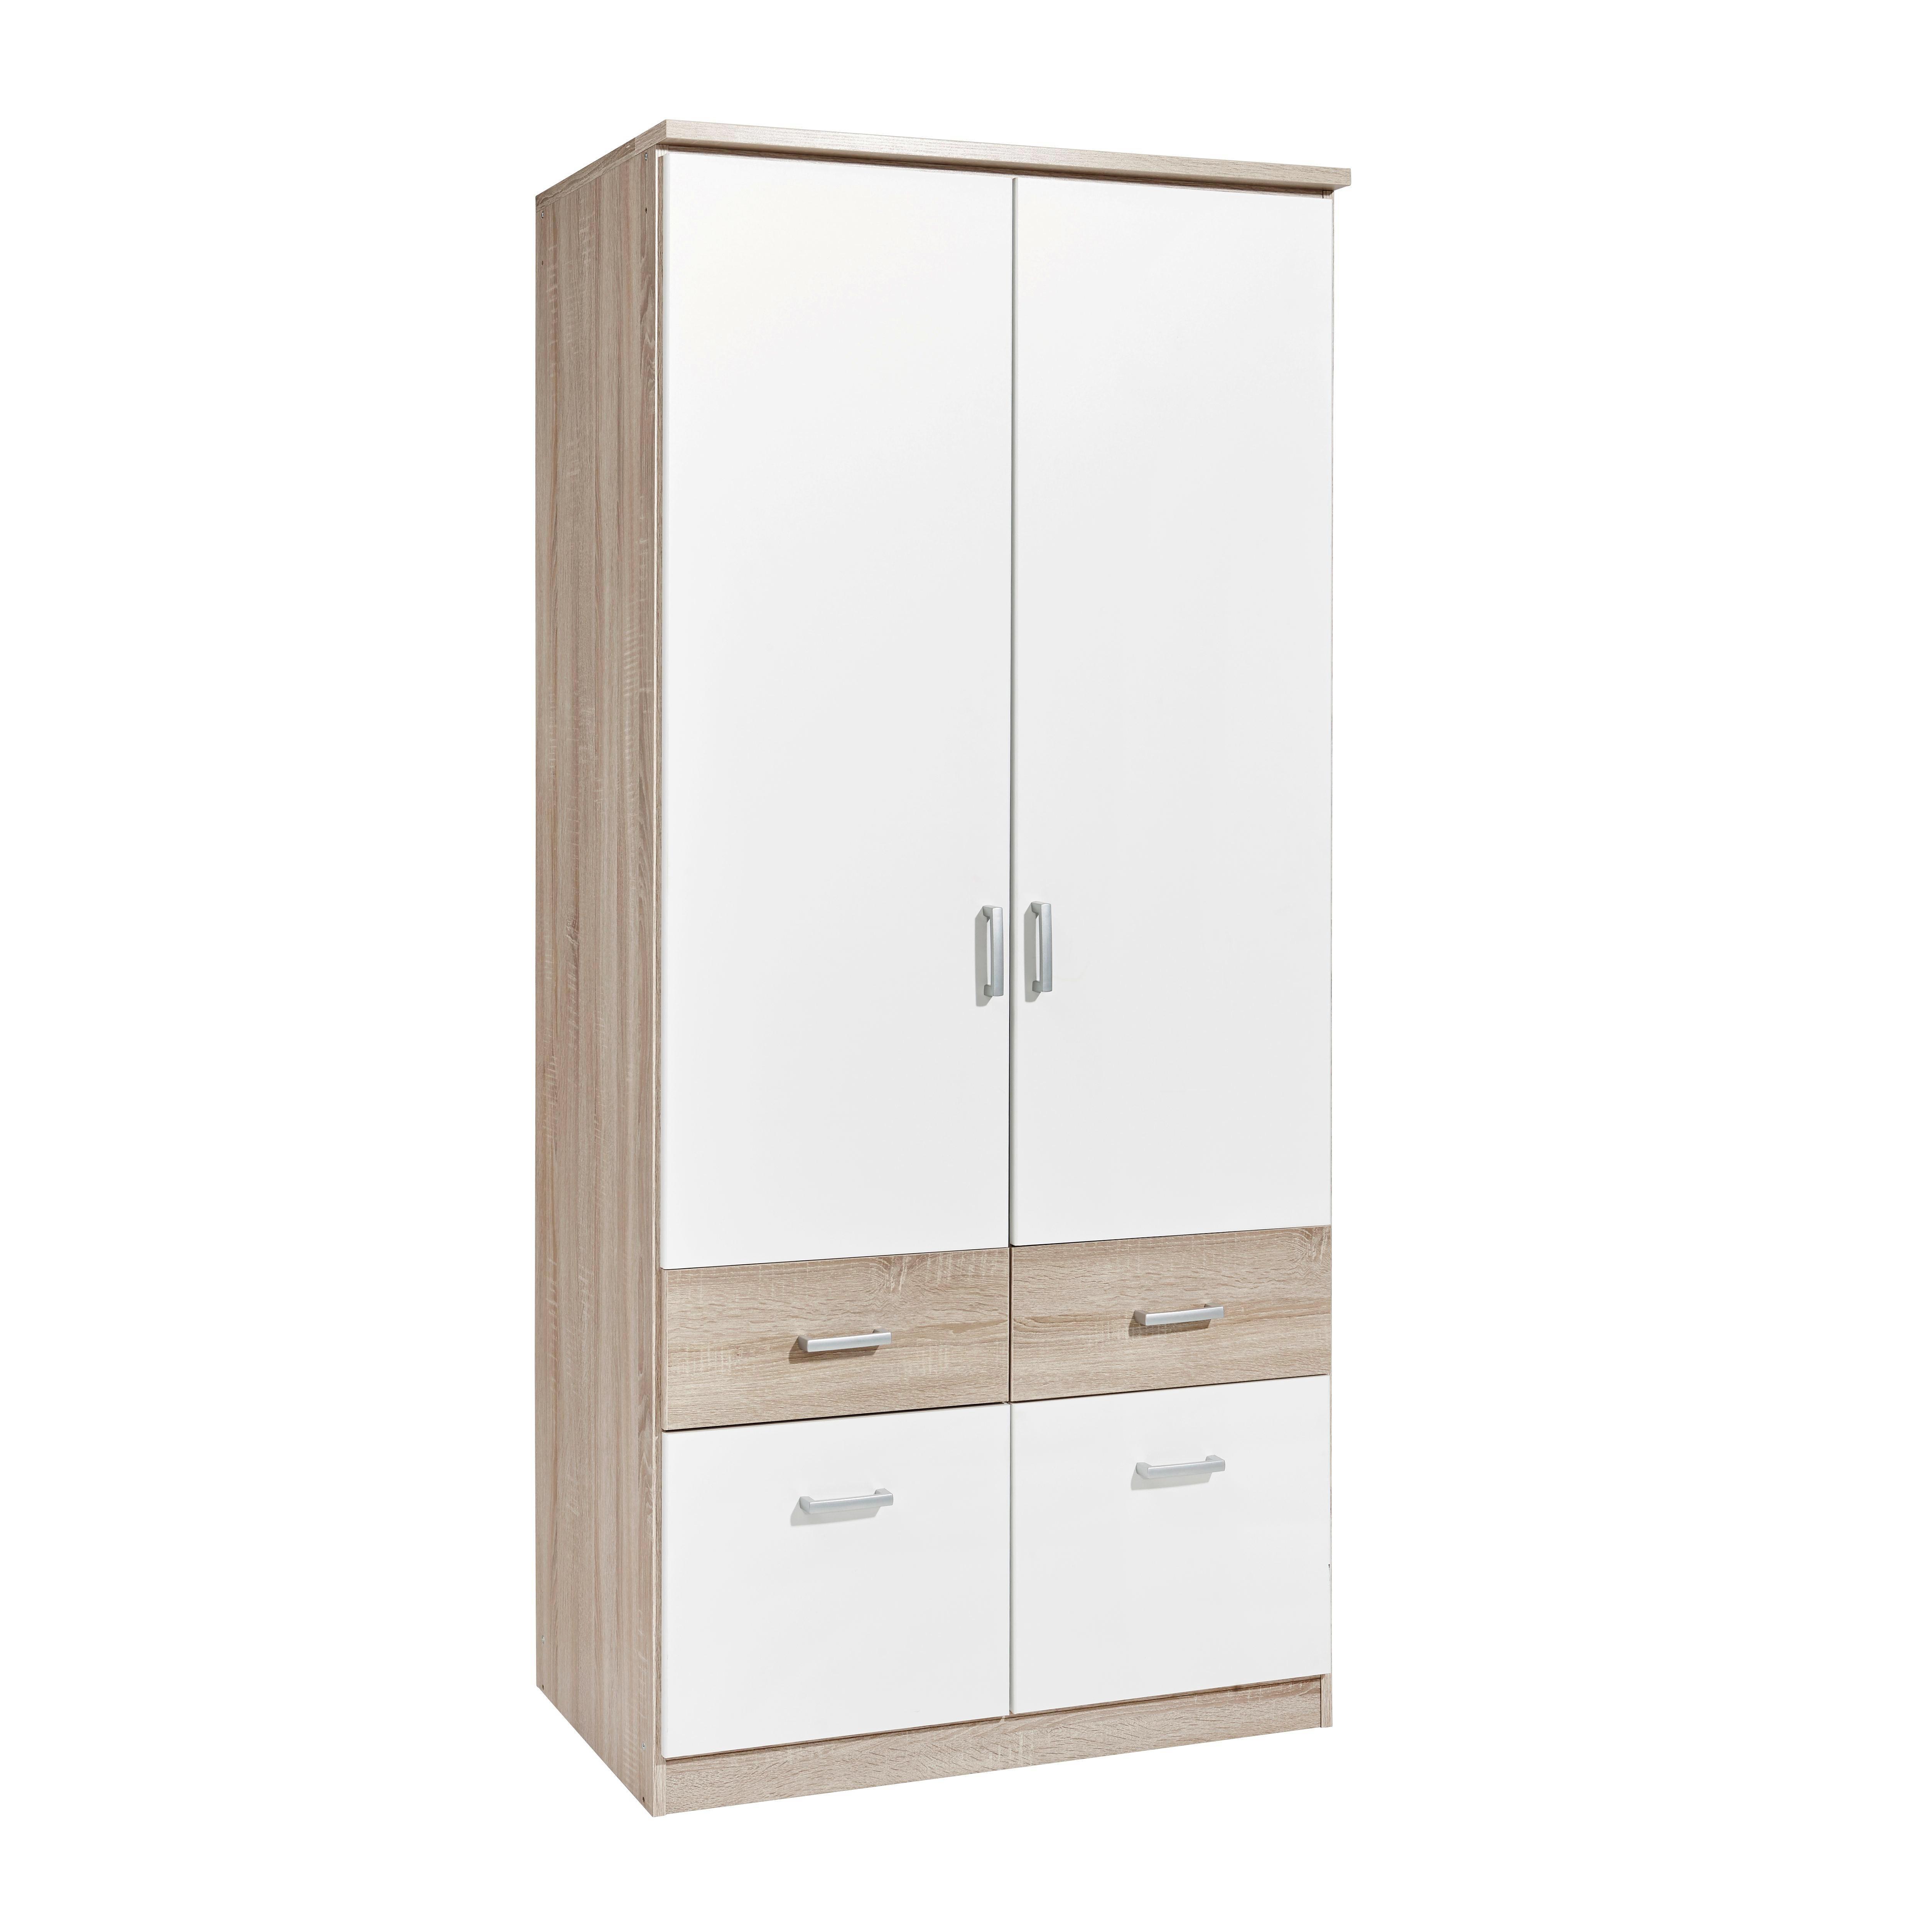 KLEIDERSCHRANK 2  Türig Sonoma Eiche, Weiß   Silberfarben/Weiß, Design,  Holzwerkstoff